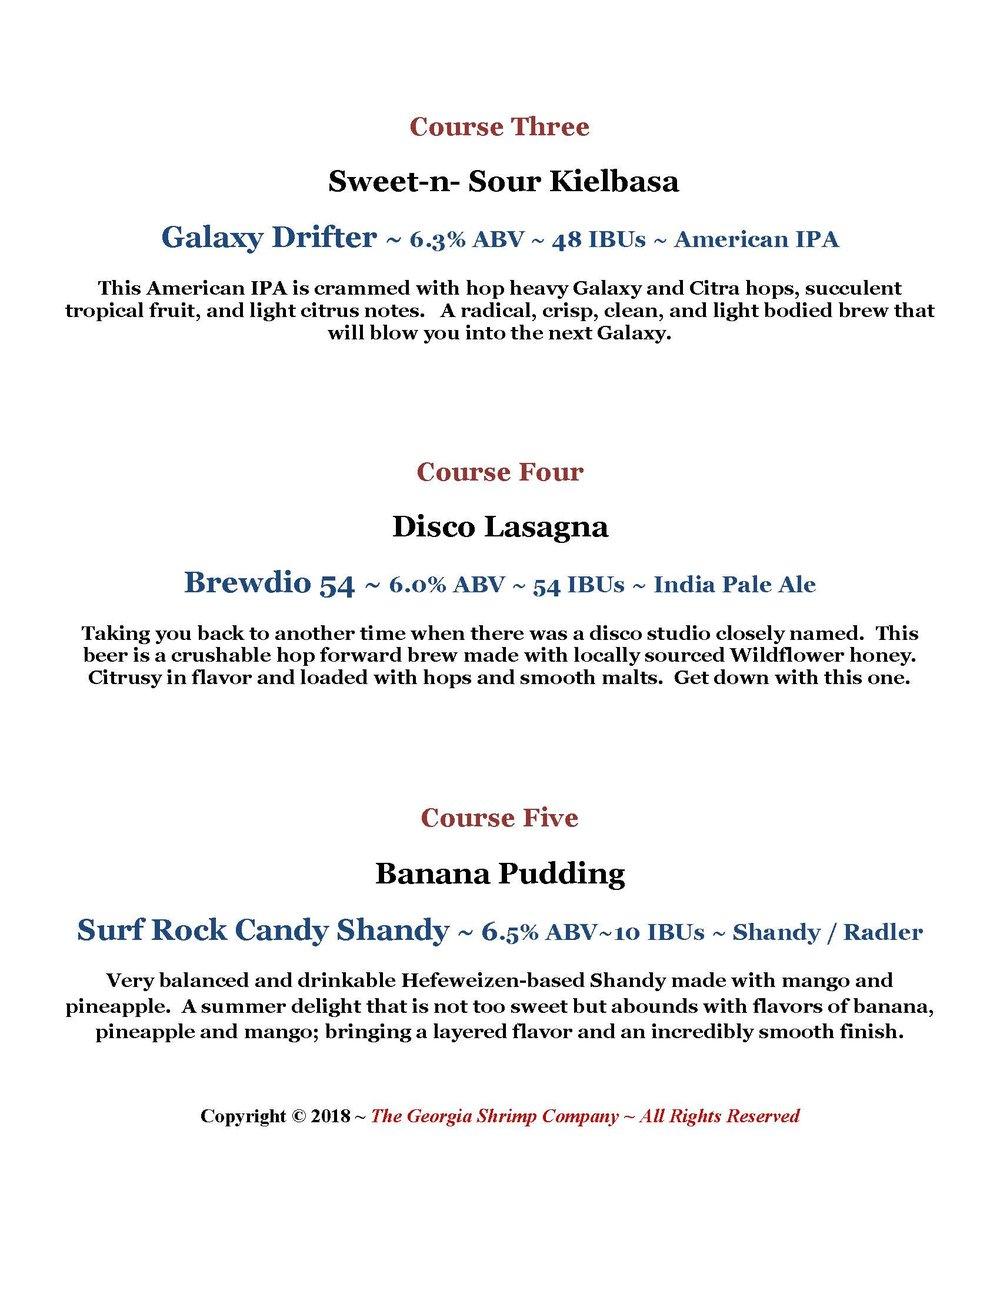 GAS+July Beer Dinner Menu Pairings   Beer Descriptions-070418 (002)_Page_2.jpg